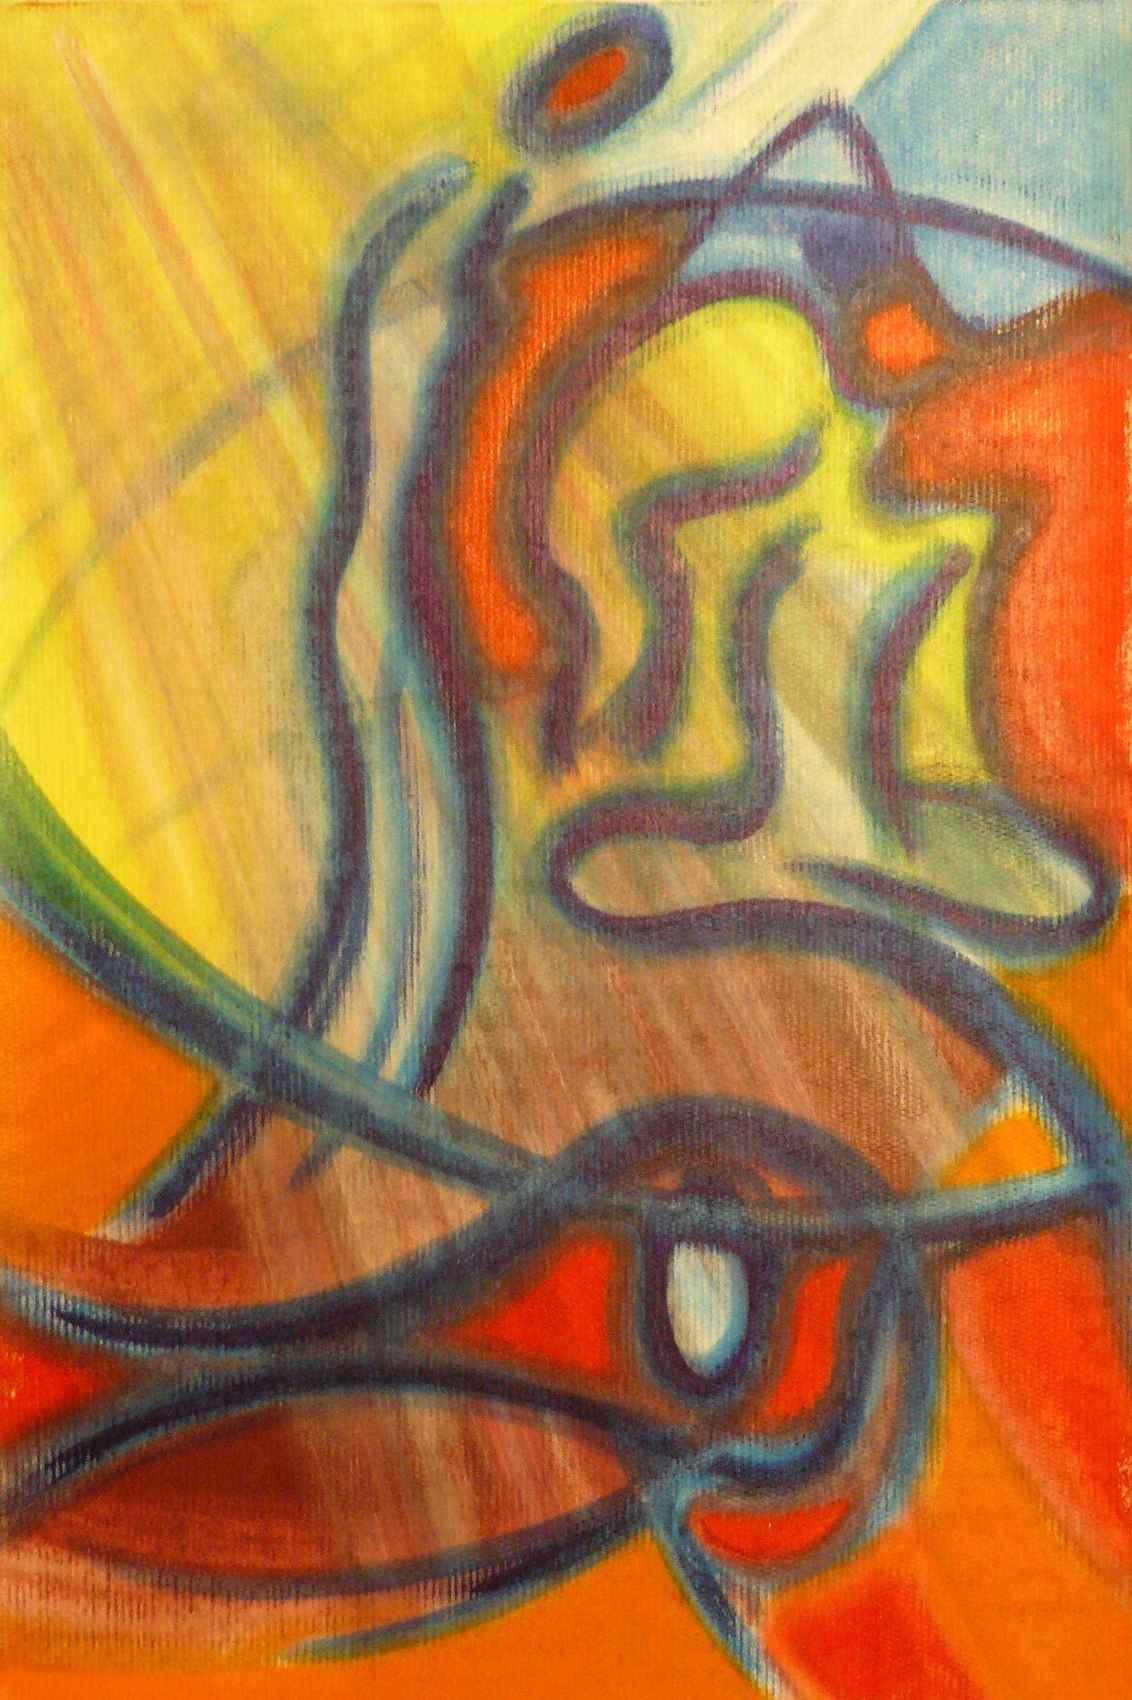 Site-de-rencontre-maroc-gratuit La Rencontre Peinture